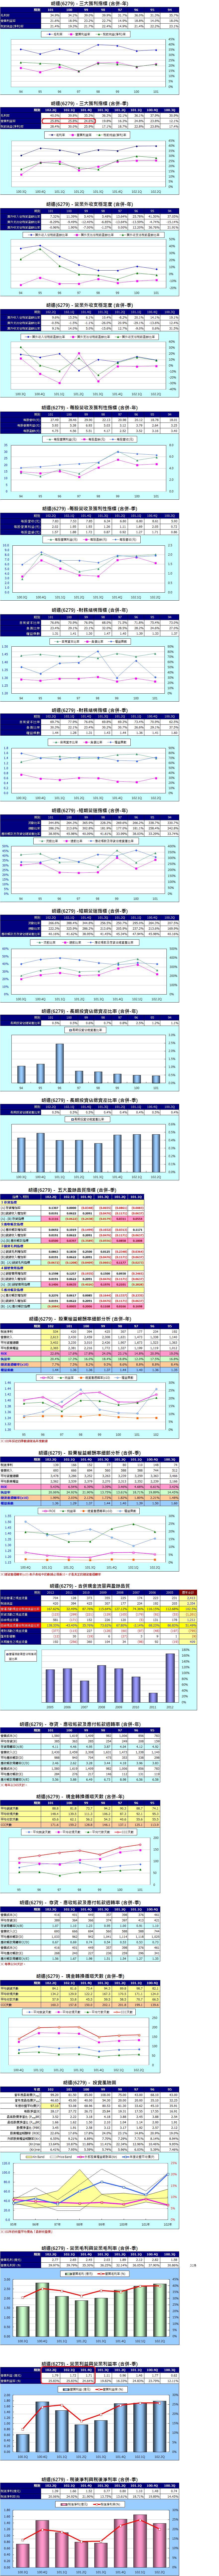 6279財務分析